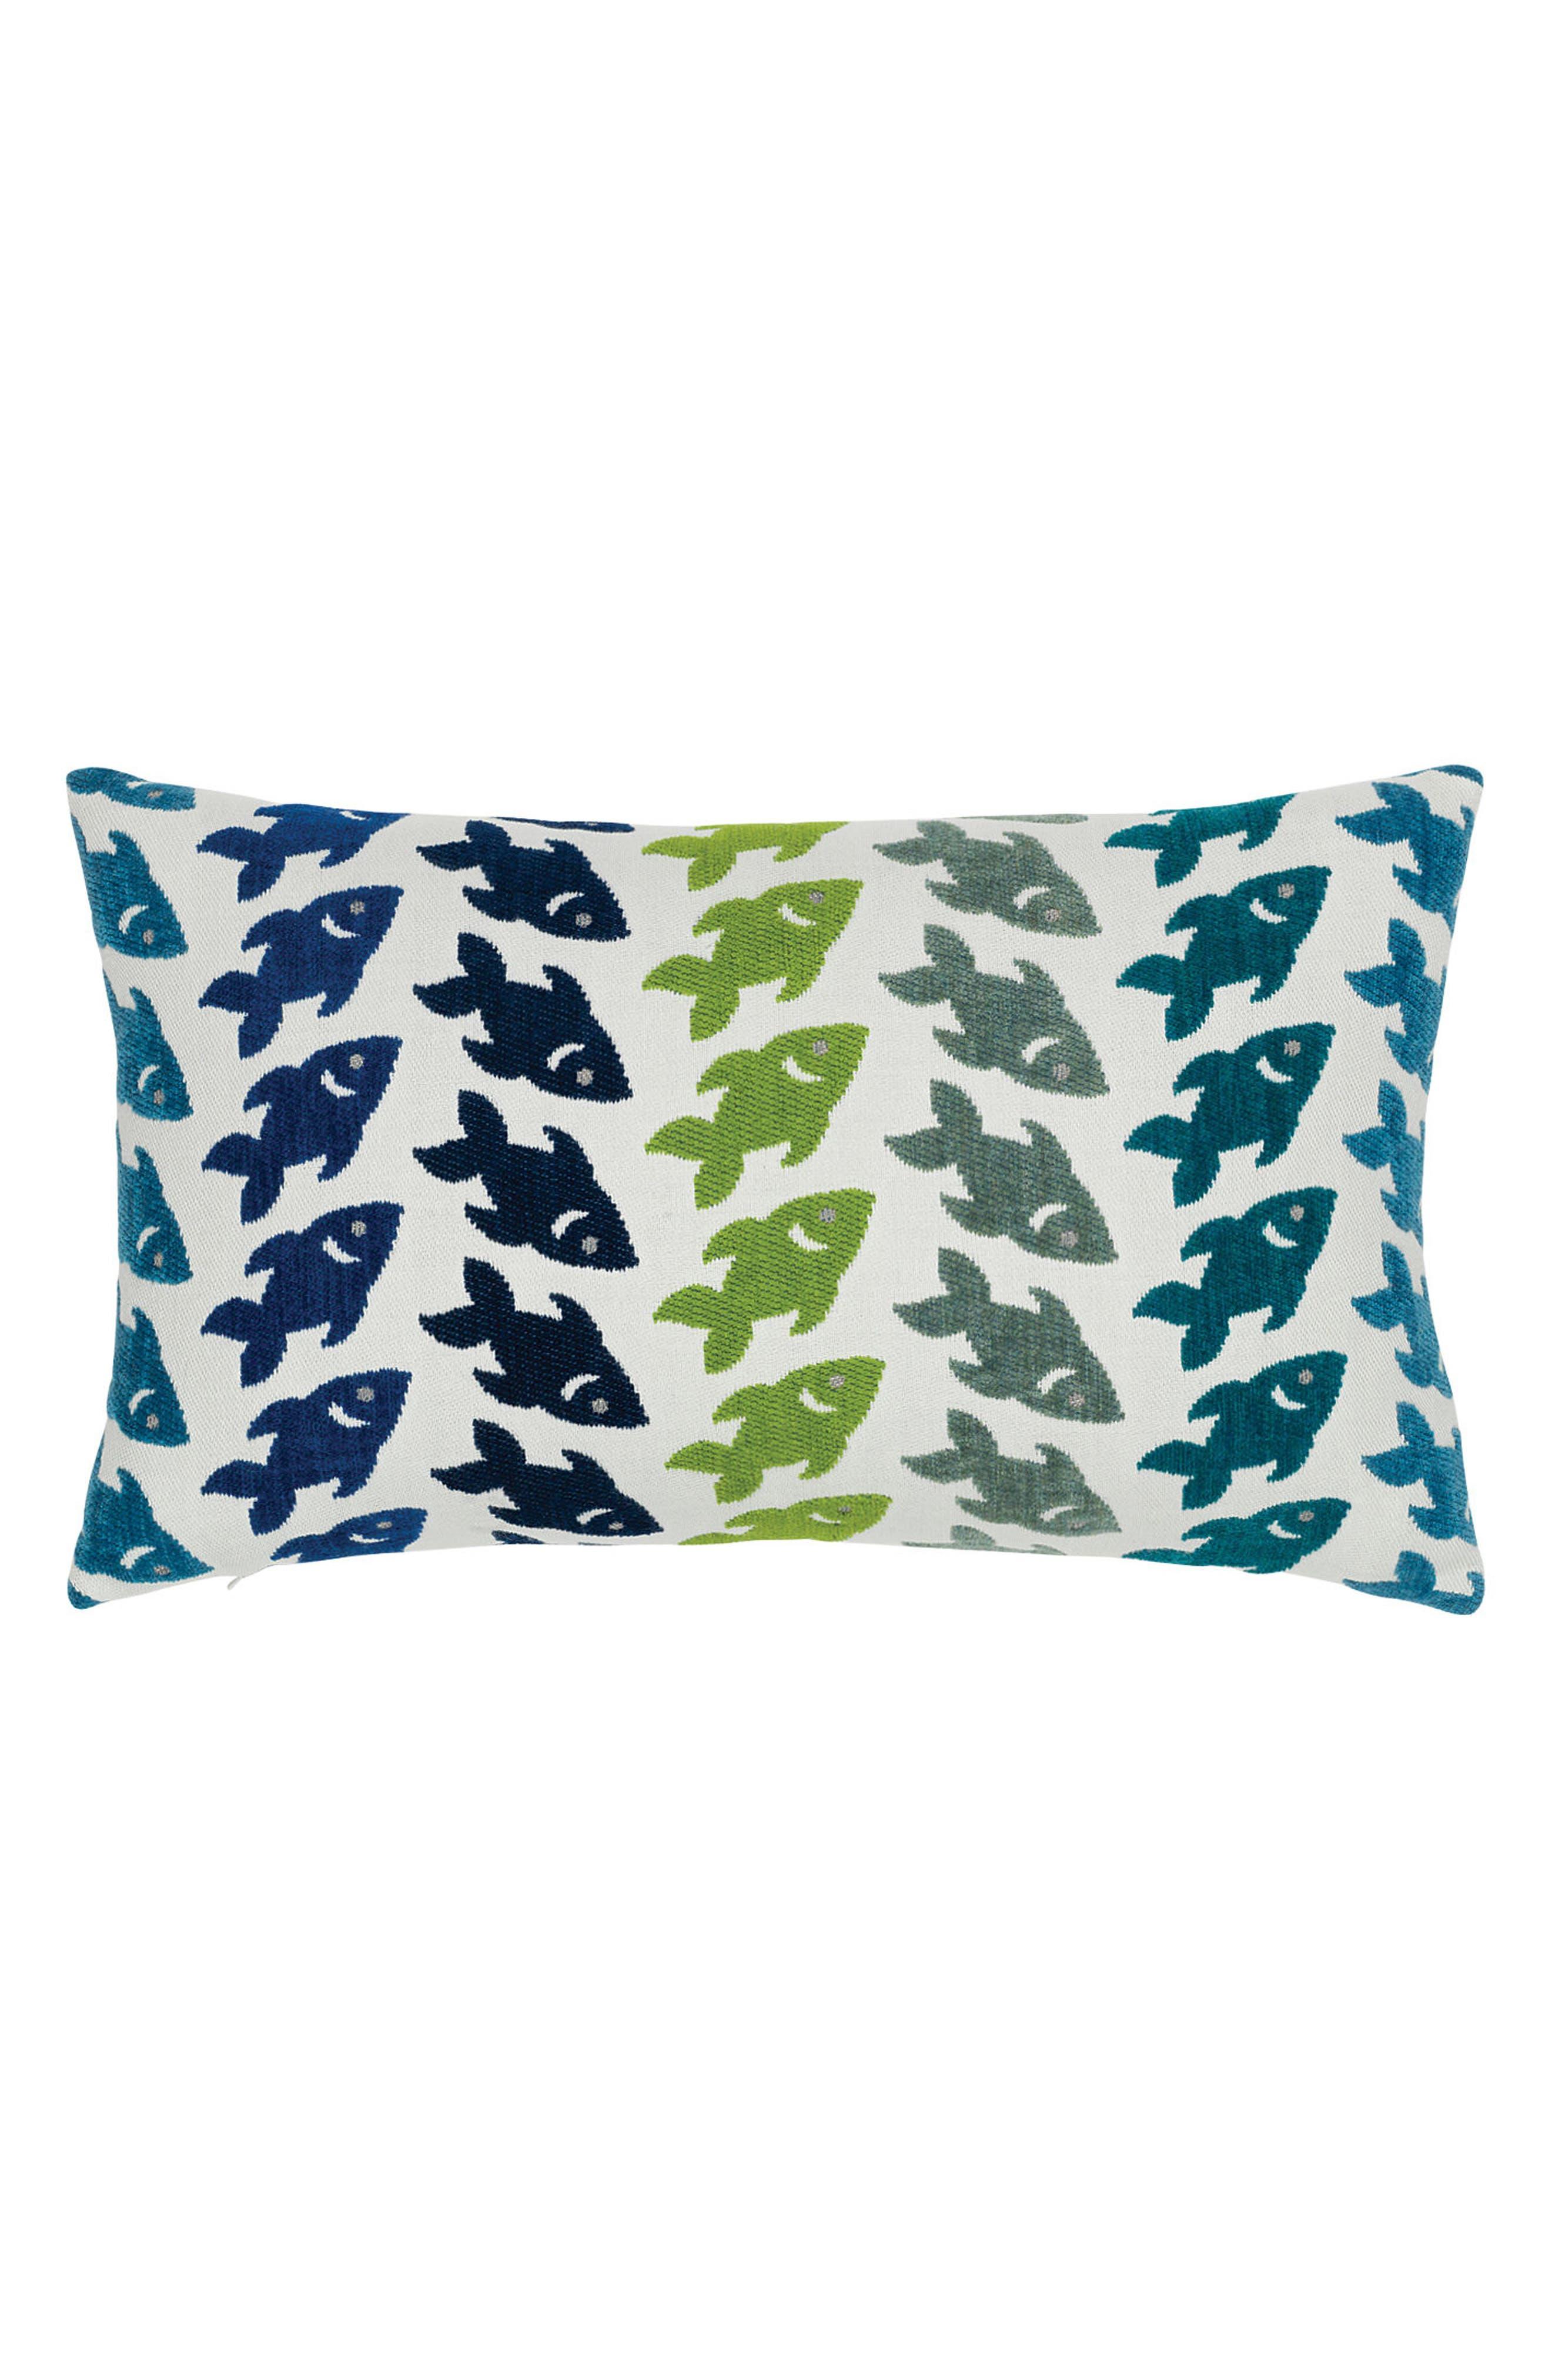 Elaine Smith Oceana Deep Sea Lumbar Pillow